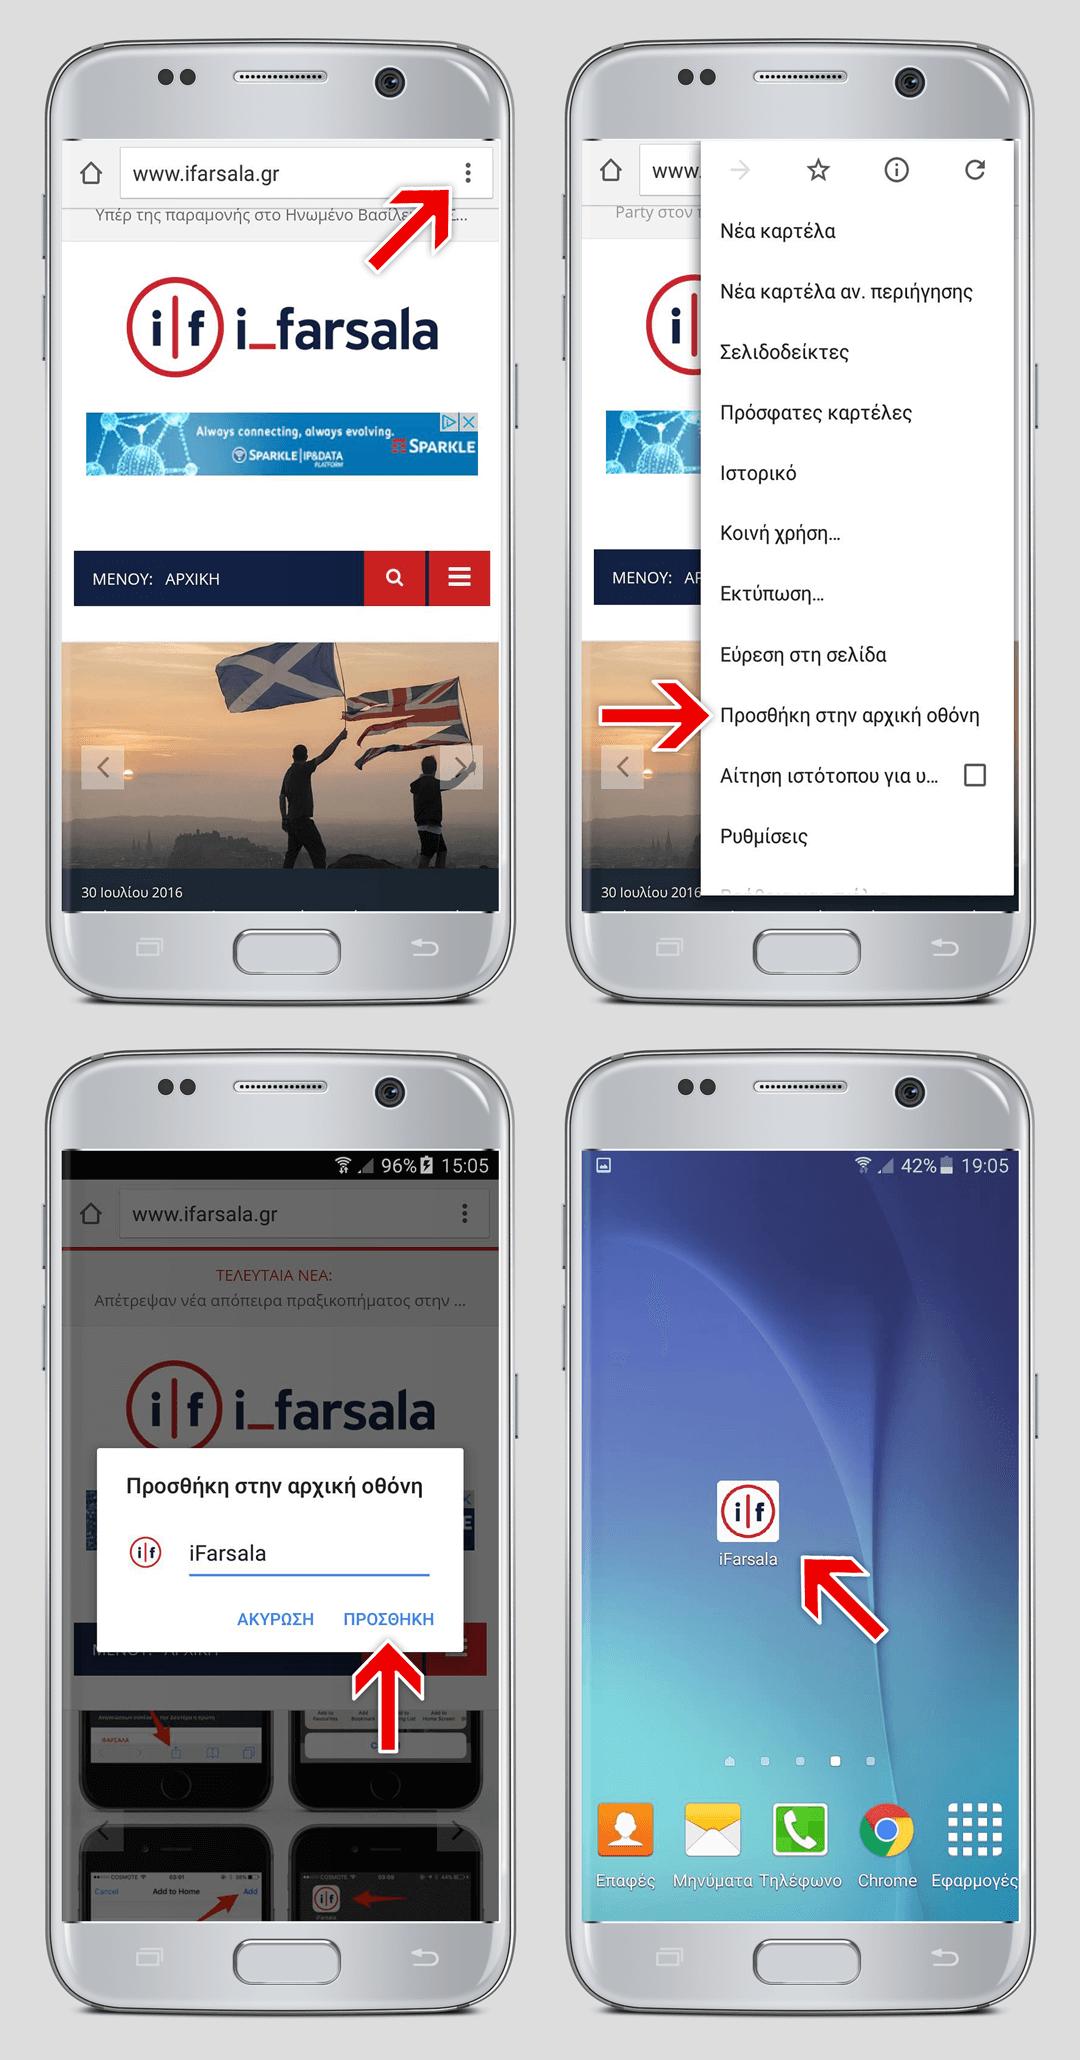 Οδηγίες για προσθήκη συντόμευσης του iFarsala στην αρχική οθόνη Android συσκευών